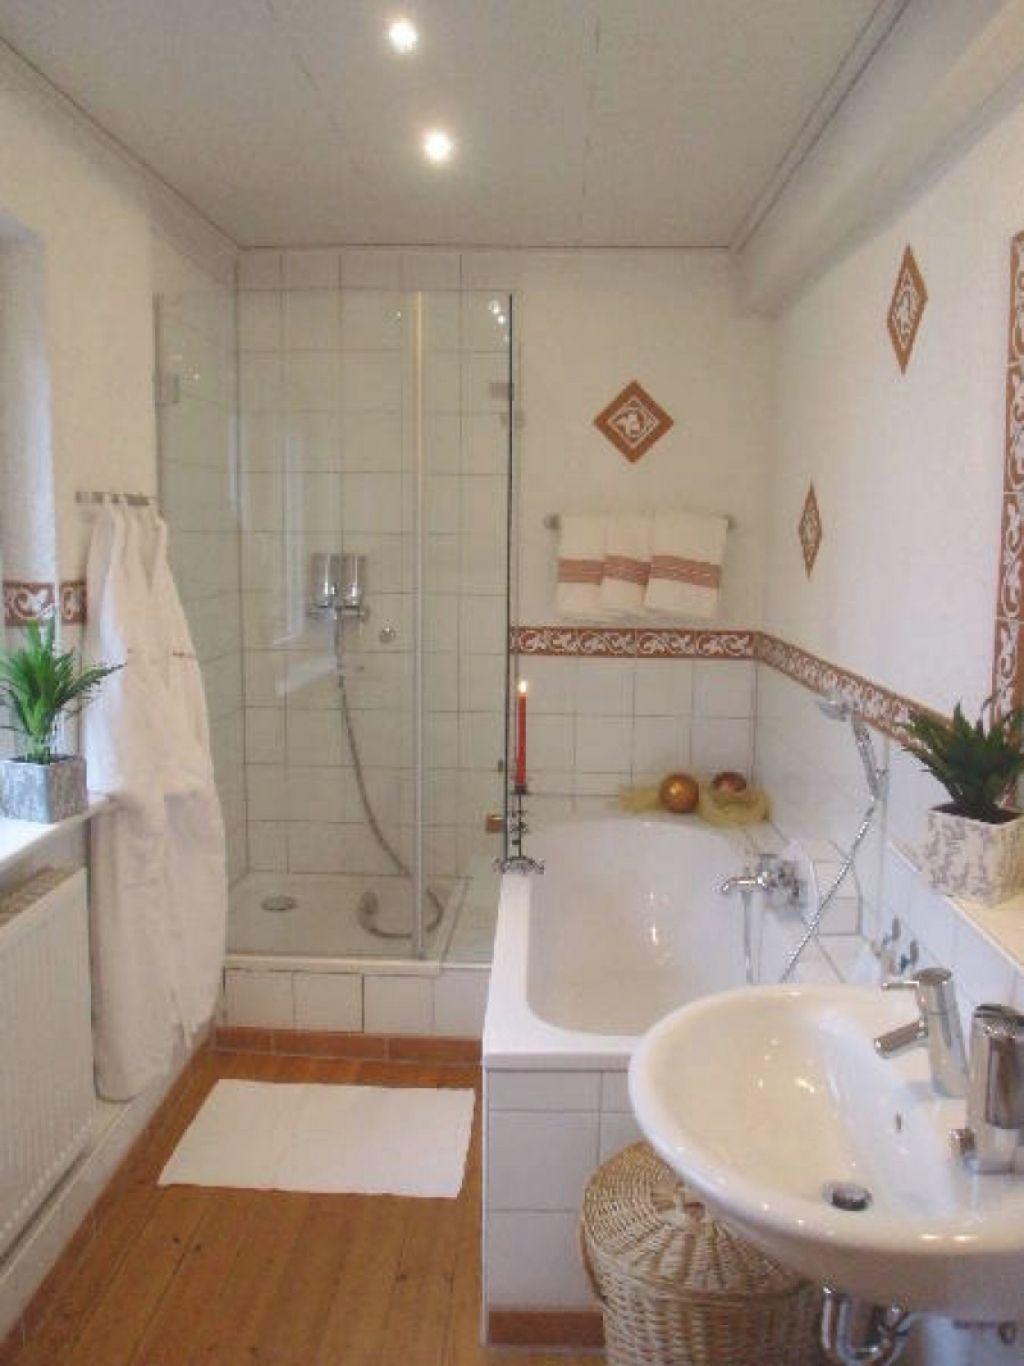 badezimmer 5 qm einrichten 3 qm bad einrichten badsanierung planen 10 tipps zum kosten sparen. Black Bedroom Furniture Sets. Home Design Ideas